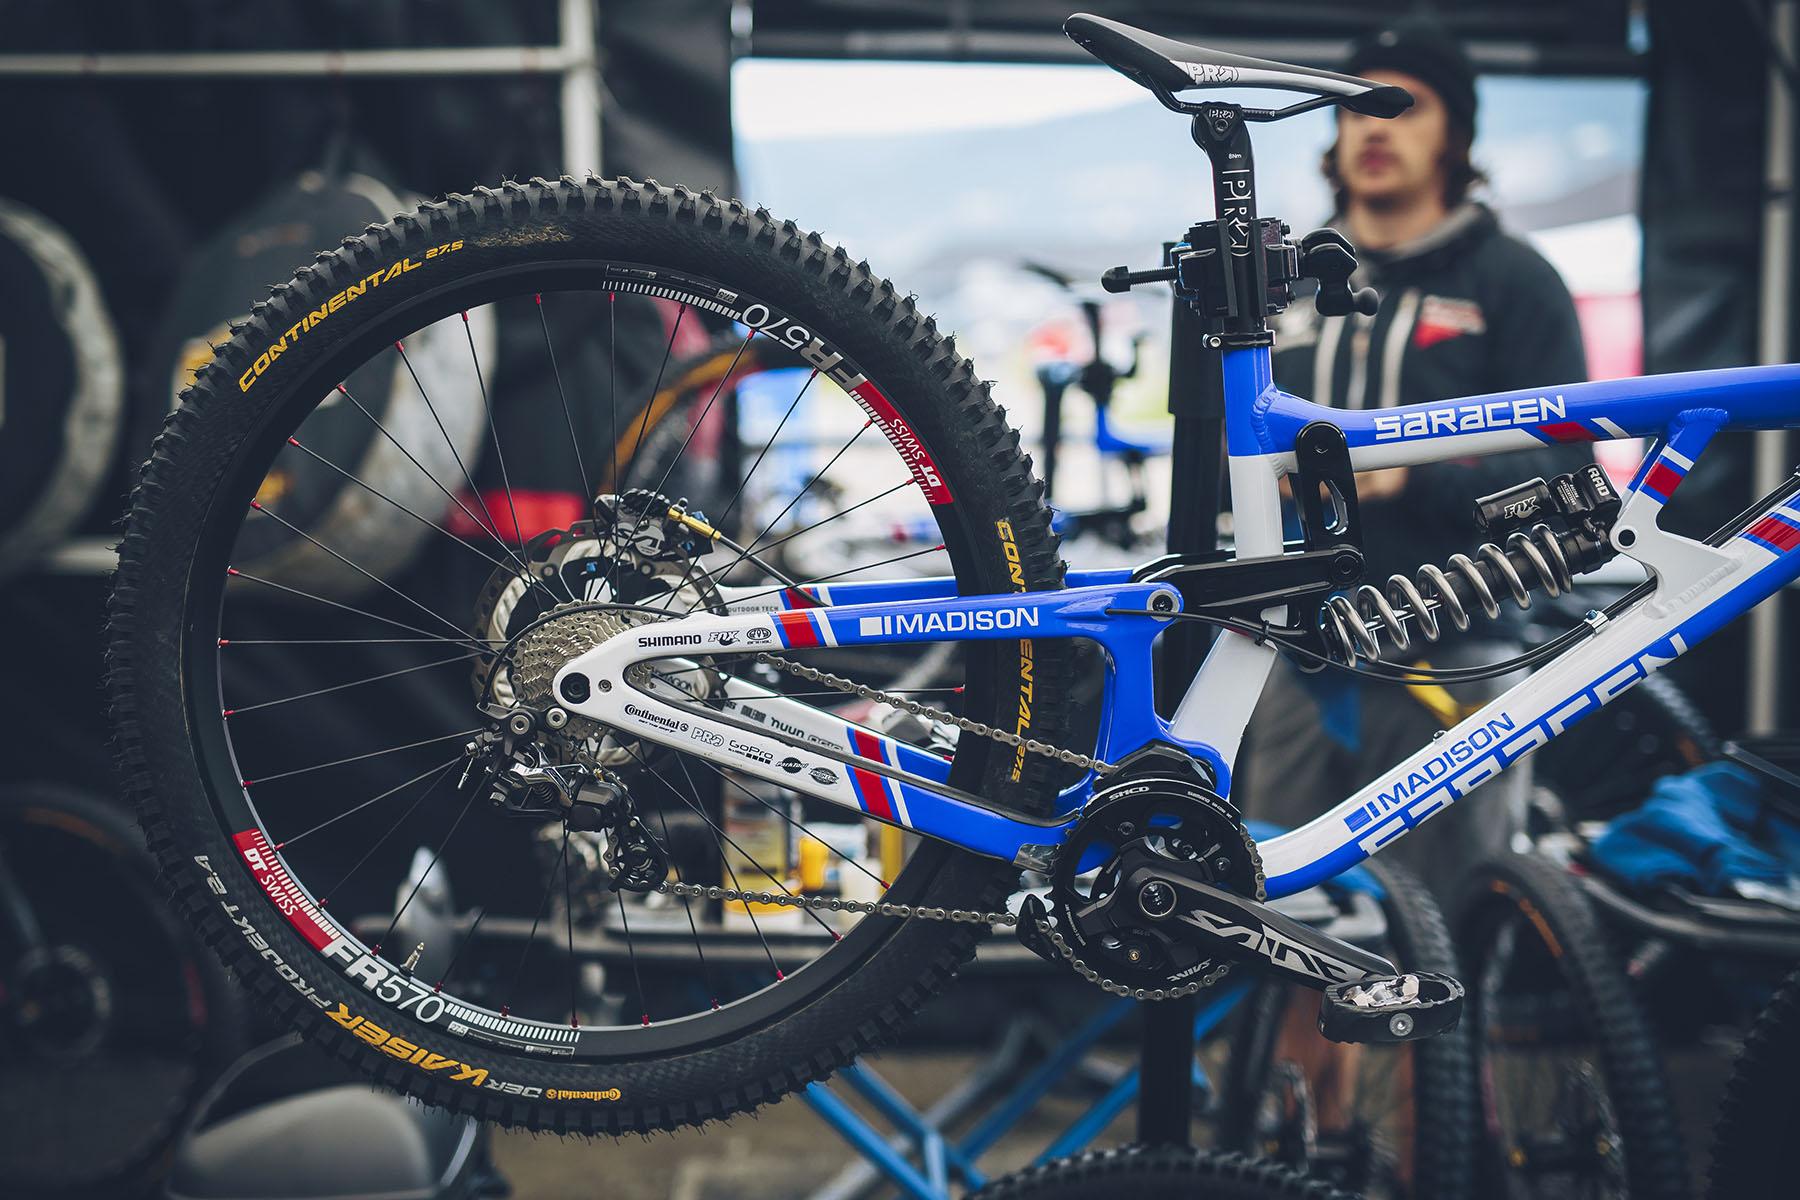 Manon Carpenters Bike konnte man schon von Weitem erkennen.